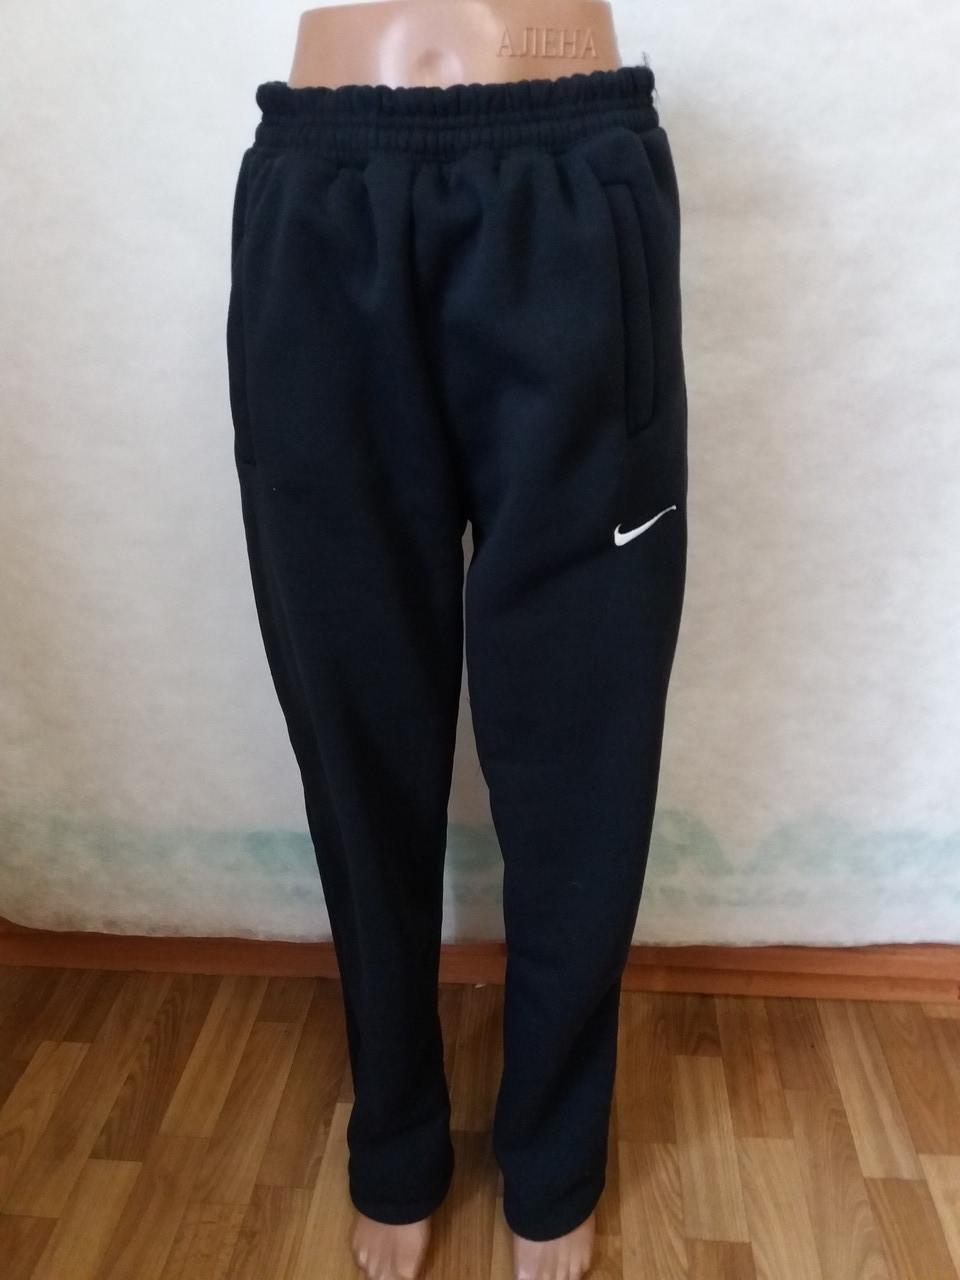 Спортивные штаны мужские теплые трехнитка на флисе р-р 52,54,56.Цвет темно-синий.От 3шт по 137грн